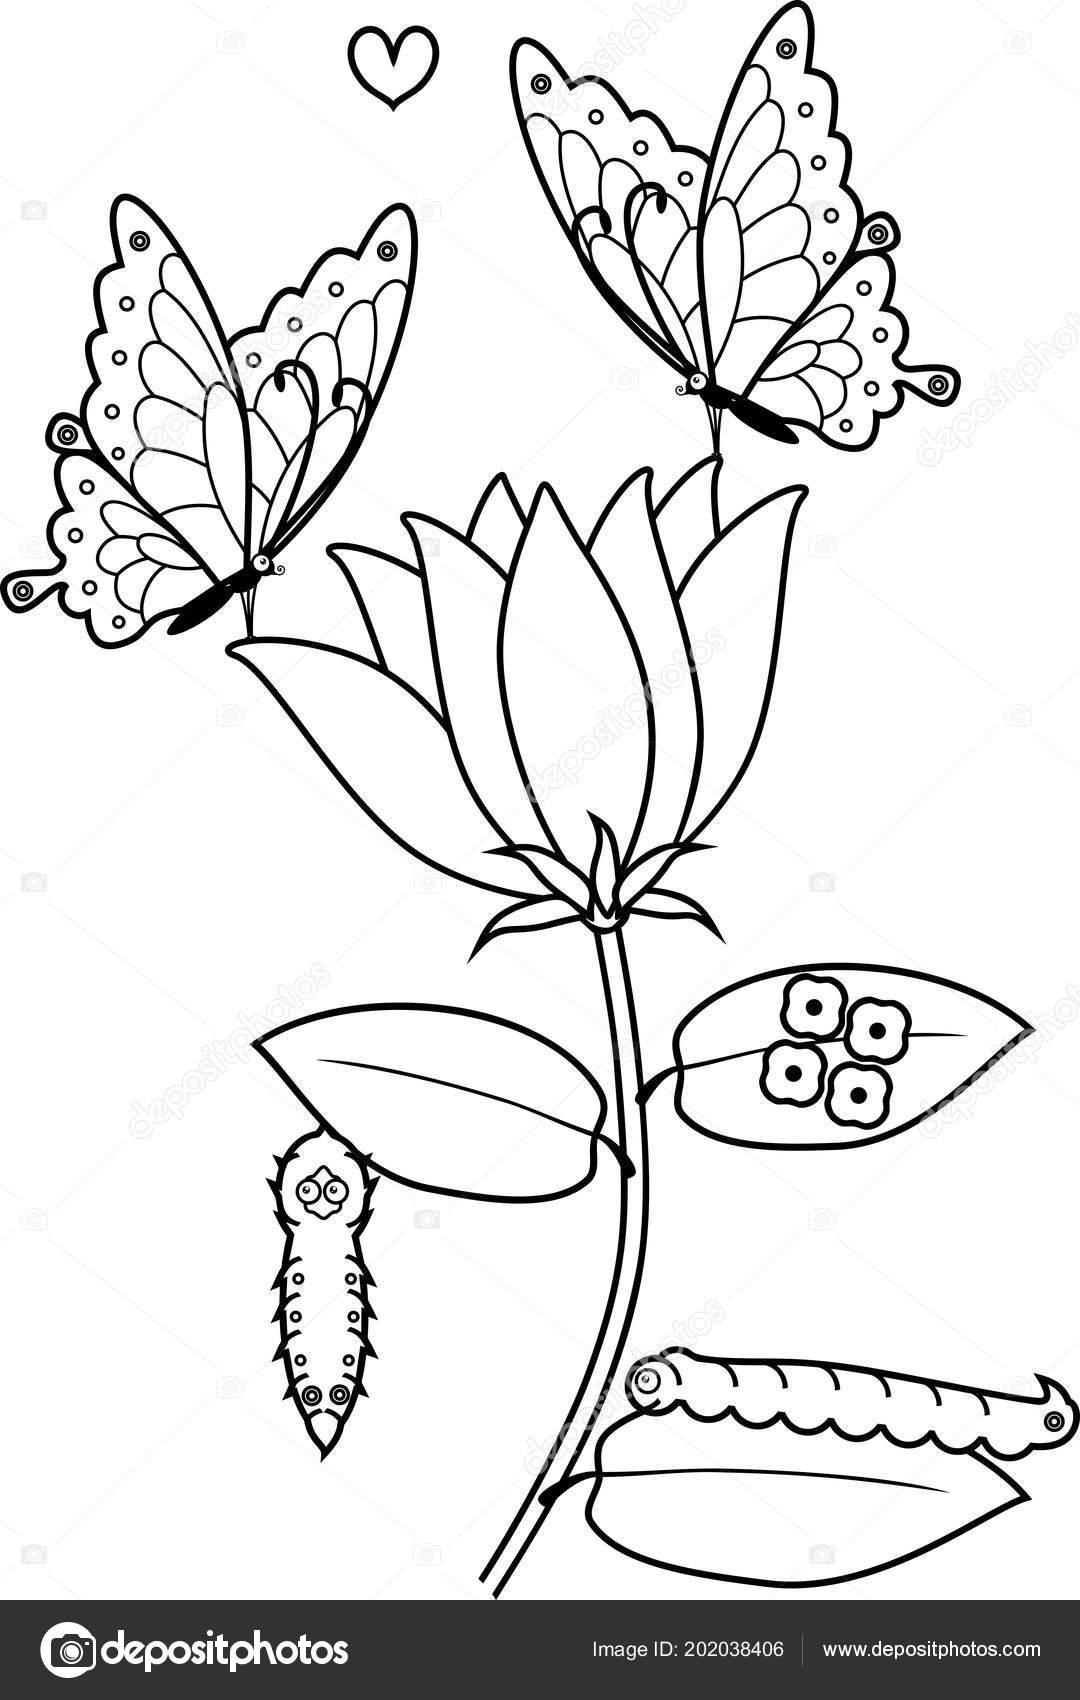 Pagina Para Colorear Ciclo Vida Mariposa Flor